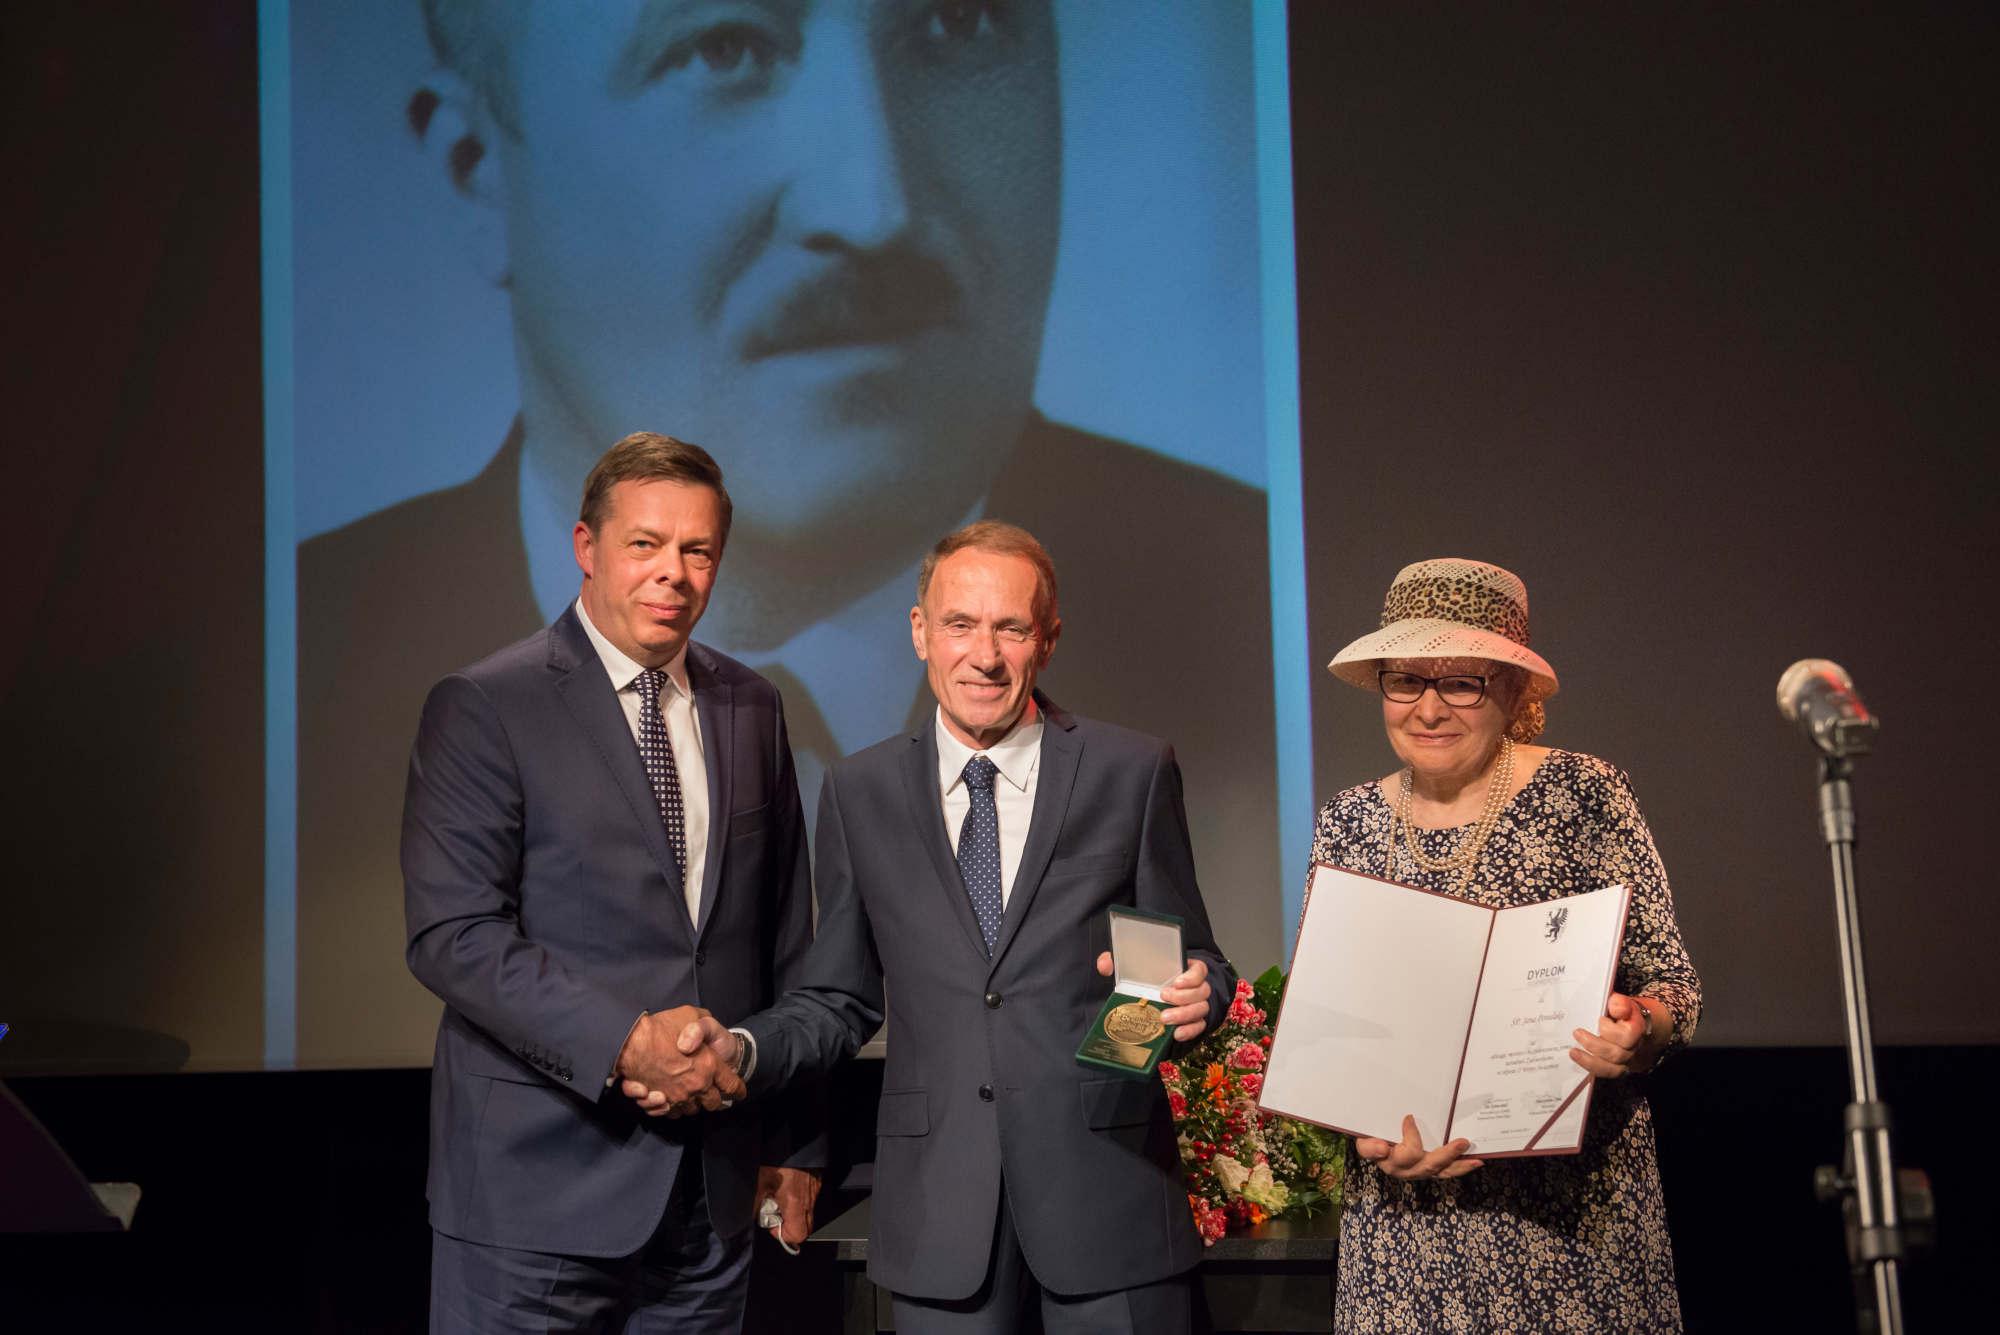 Mieszkaniec Słupska odznaczony medalem Sprawiedliwy Wśród Narodów Świata. Uratował żydowską rodzinę